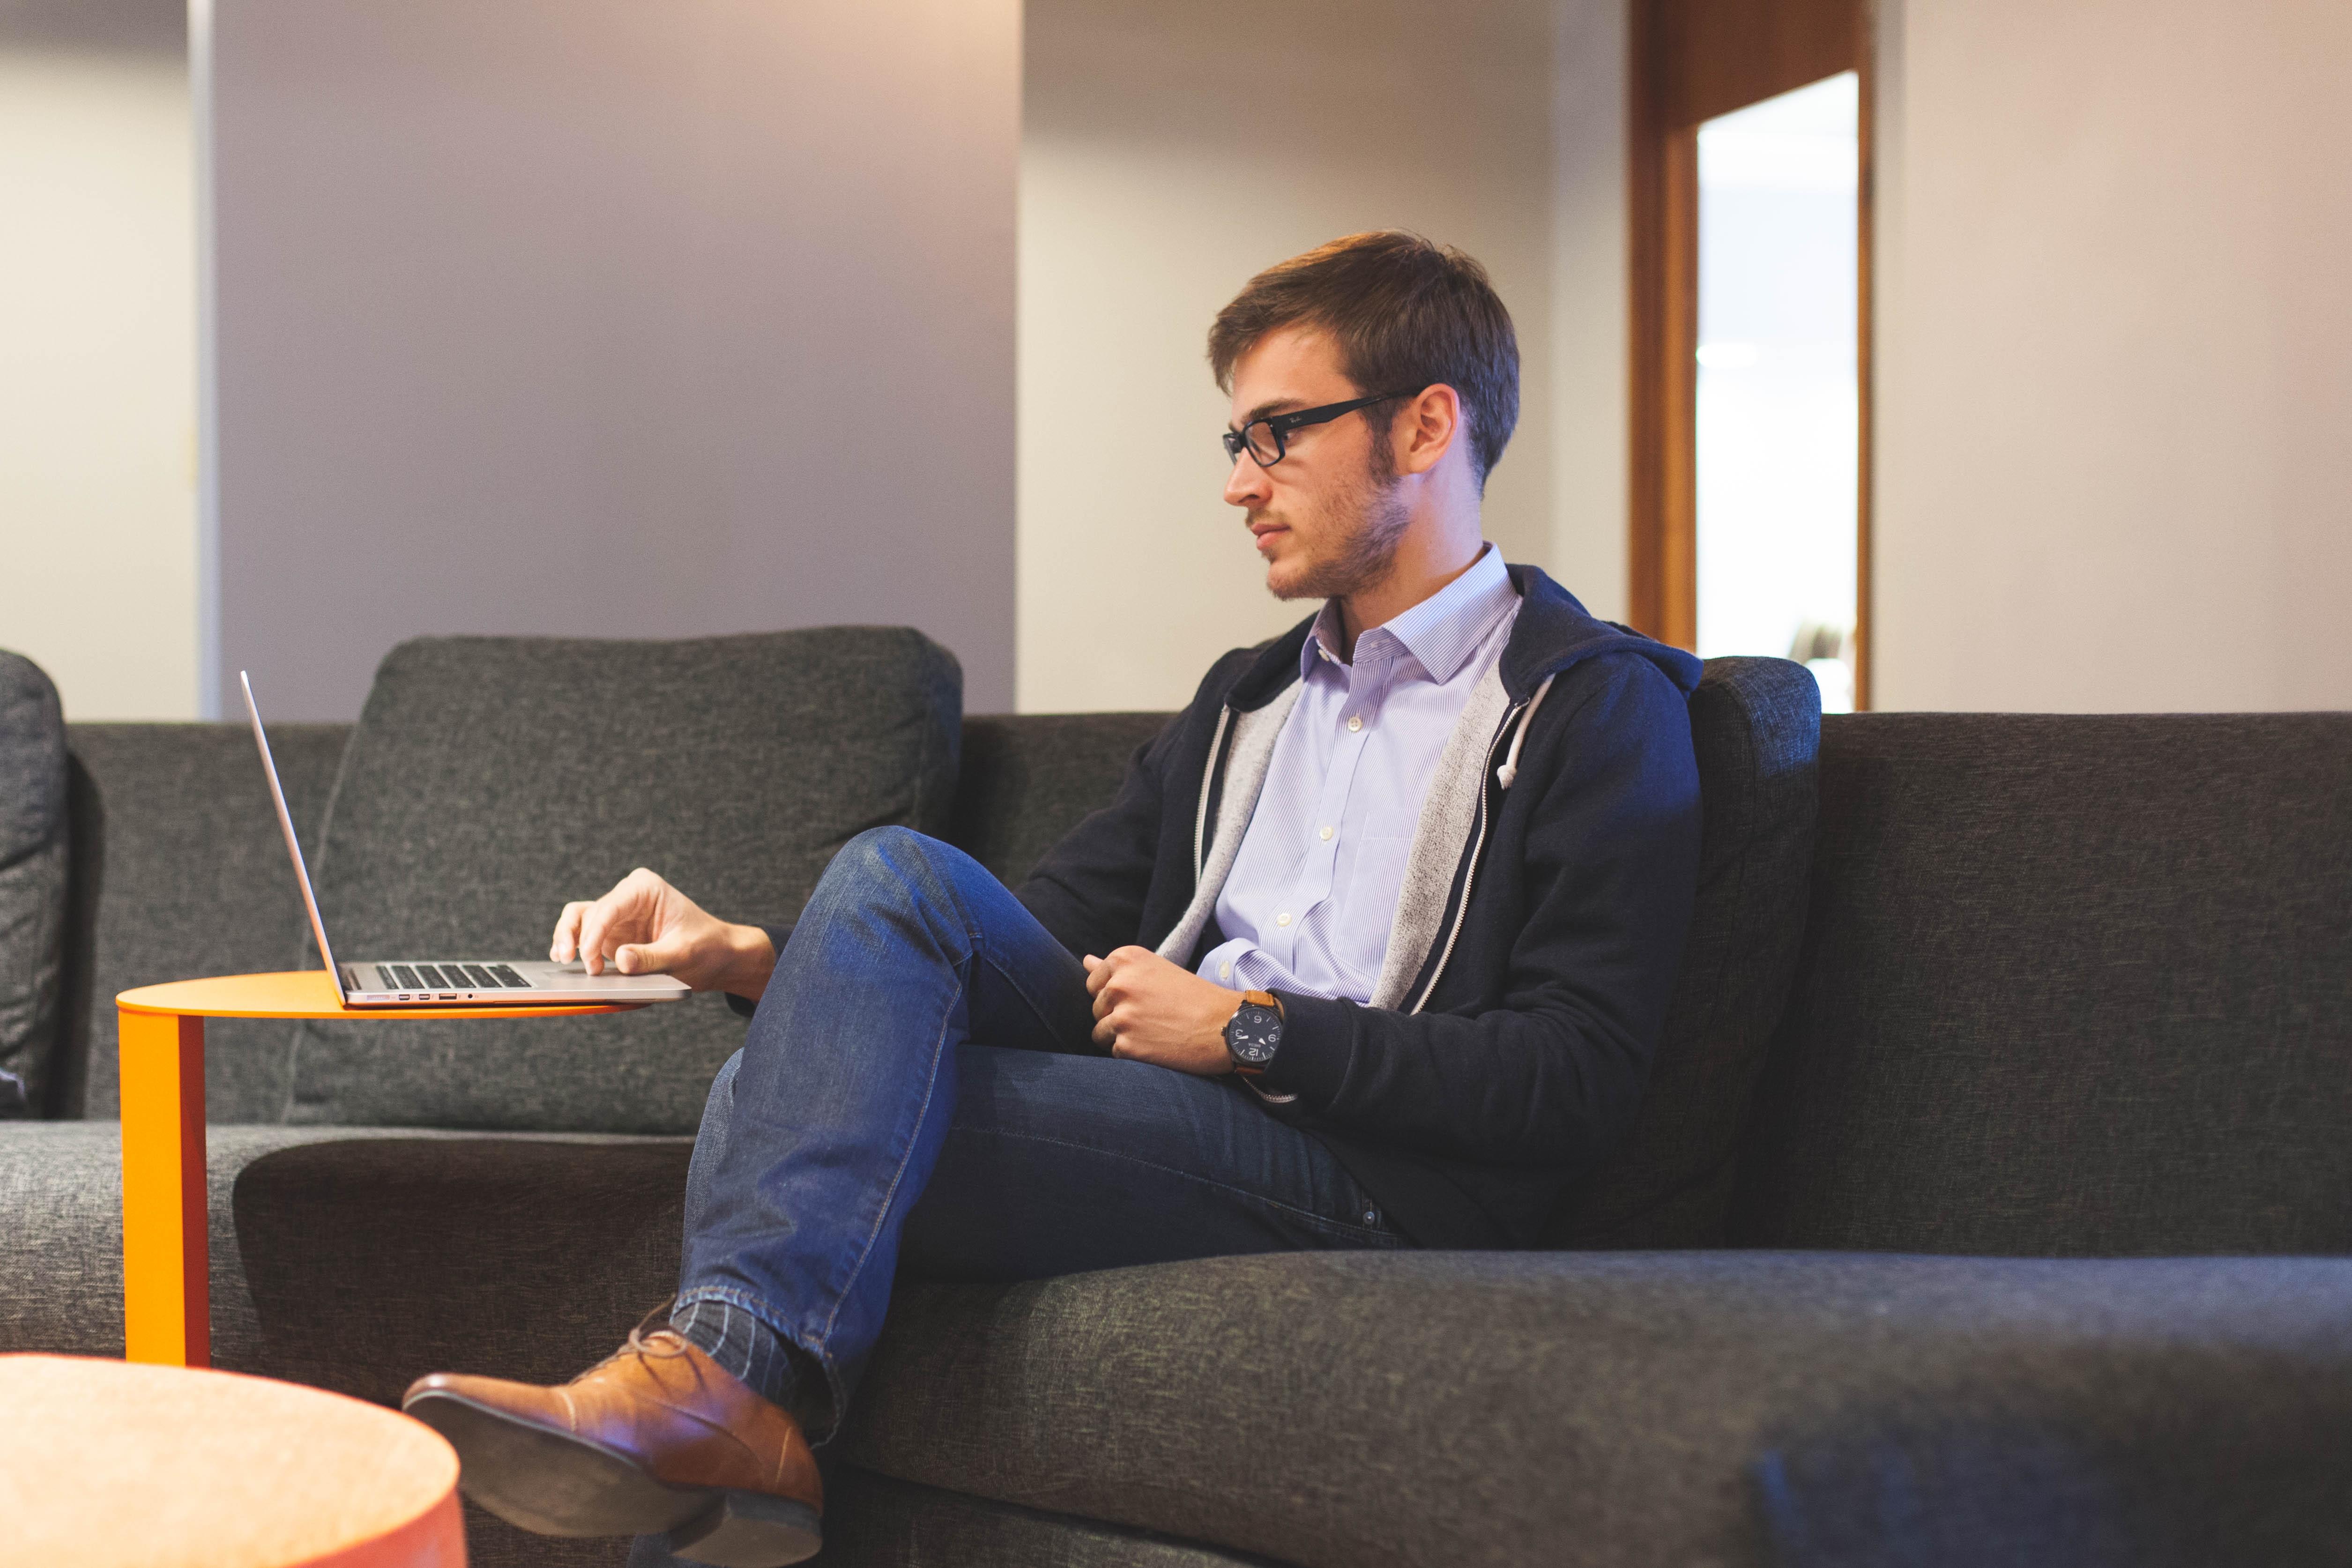 Sådan skaber du et godt og sundt kontormiljø